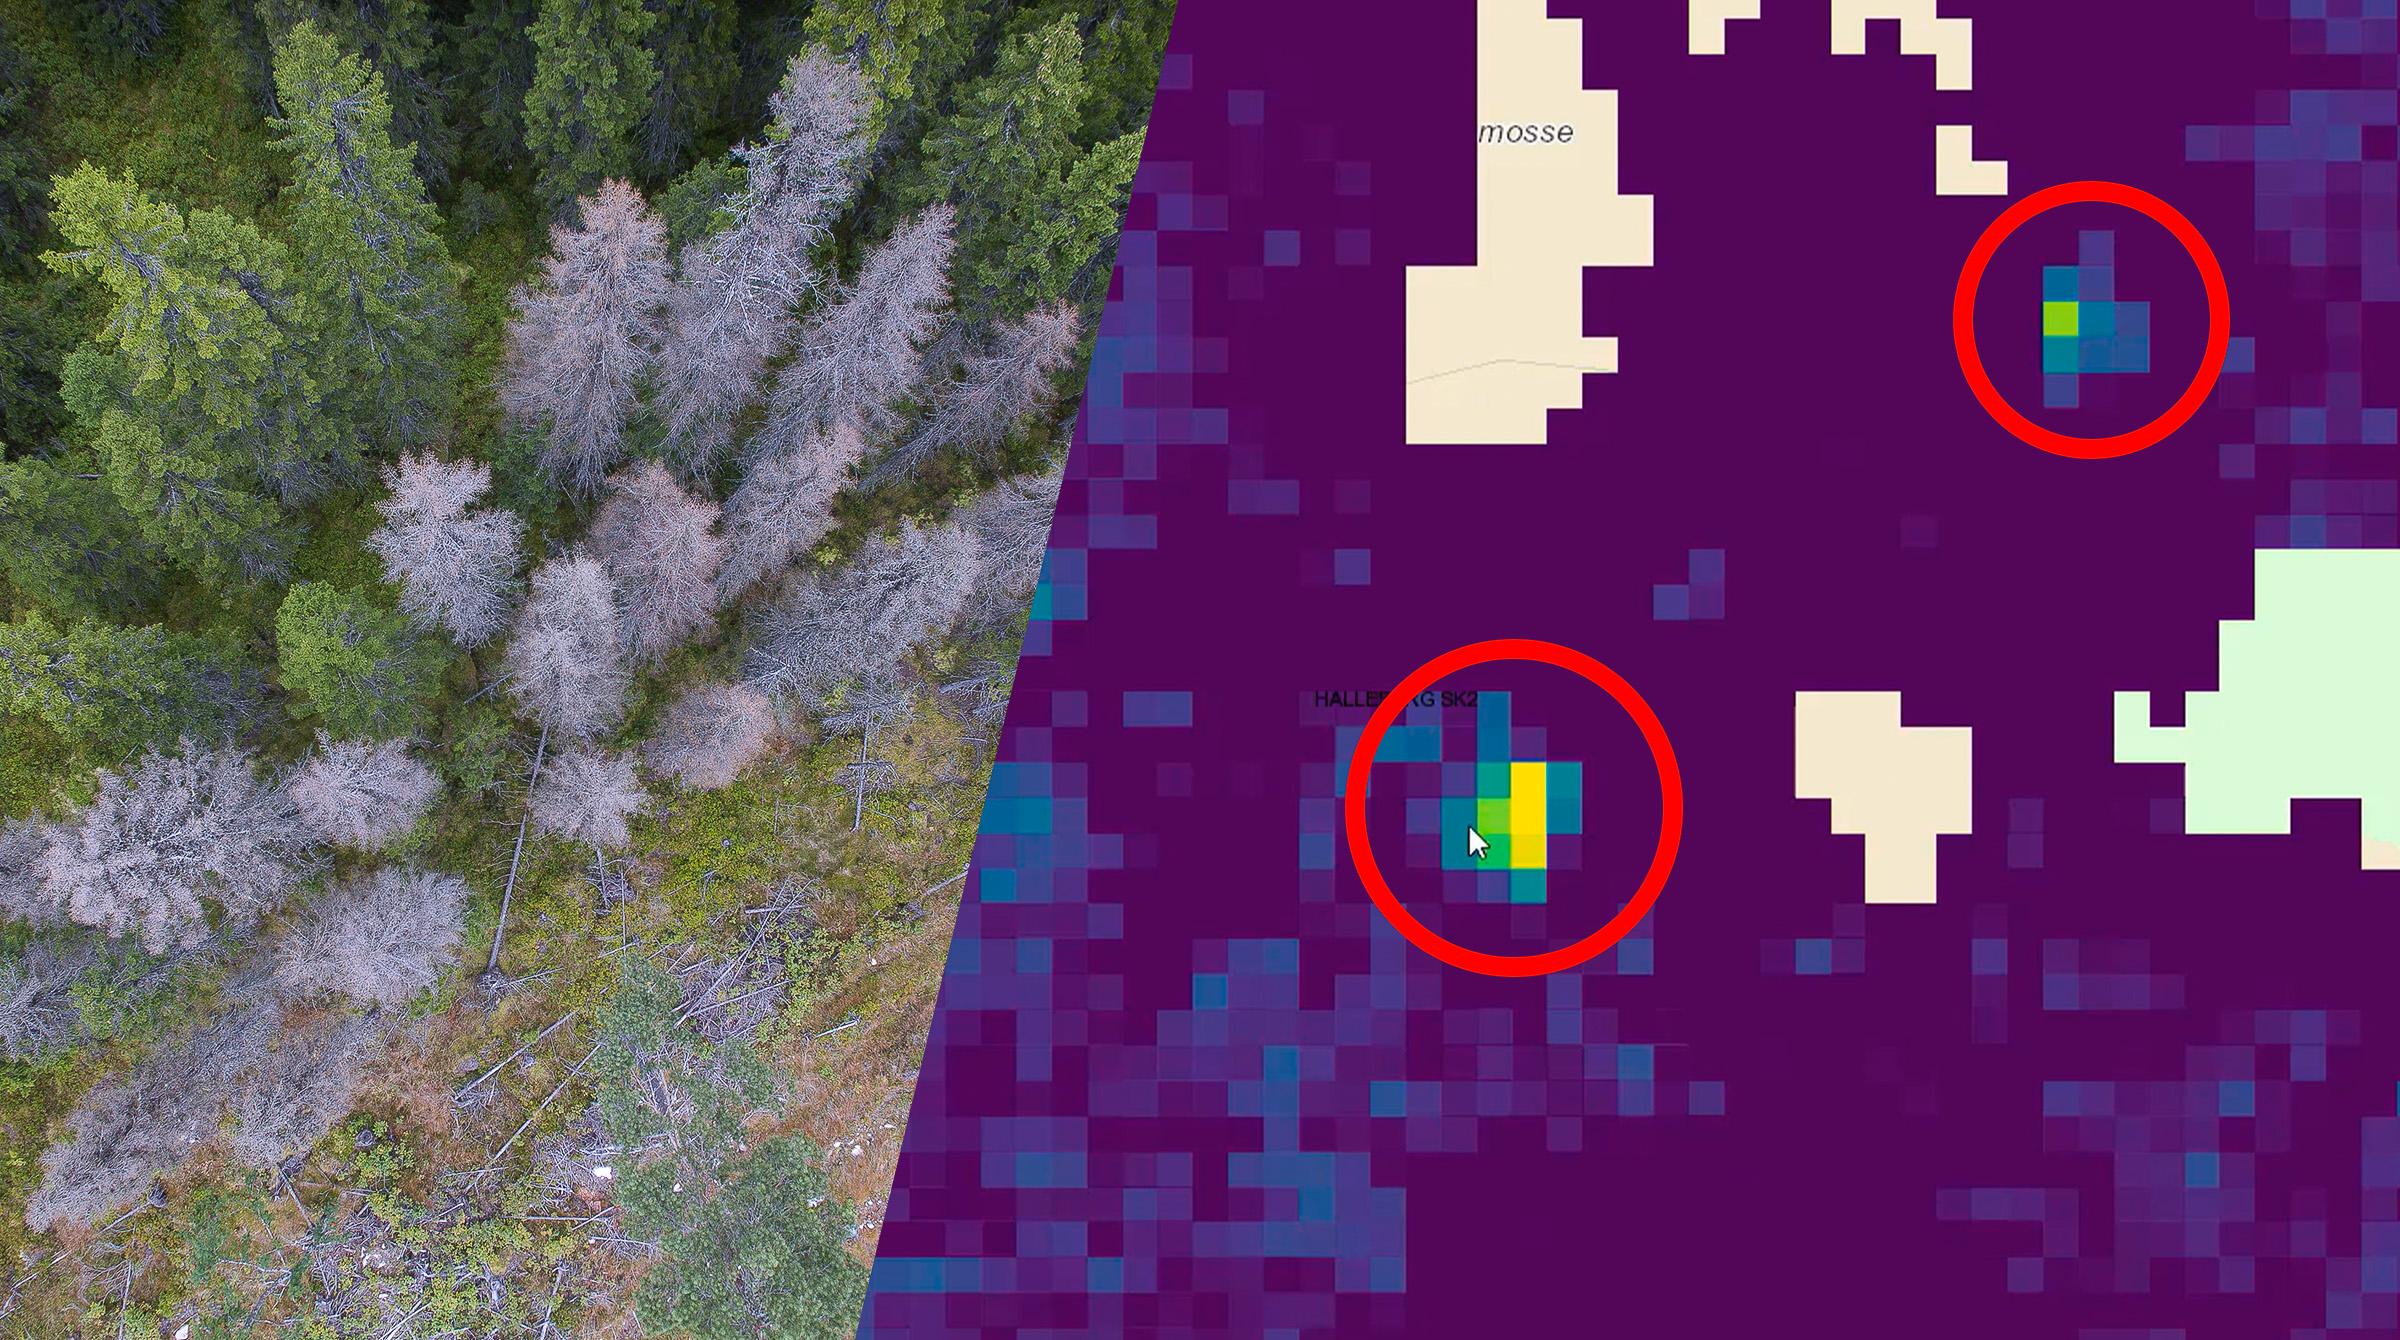 Granbarkborre identifieras på ArcGIS-karta